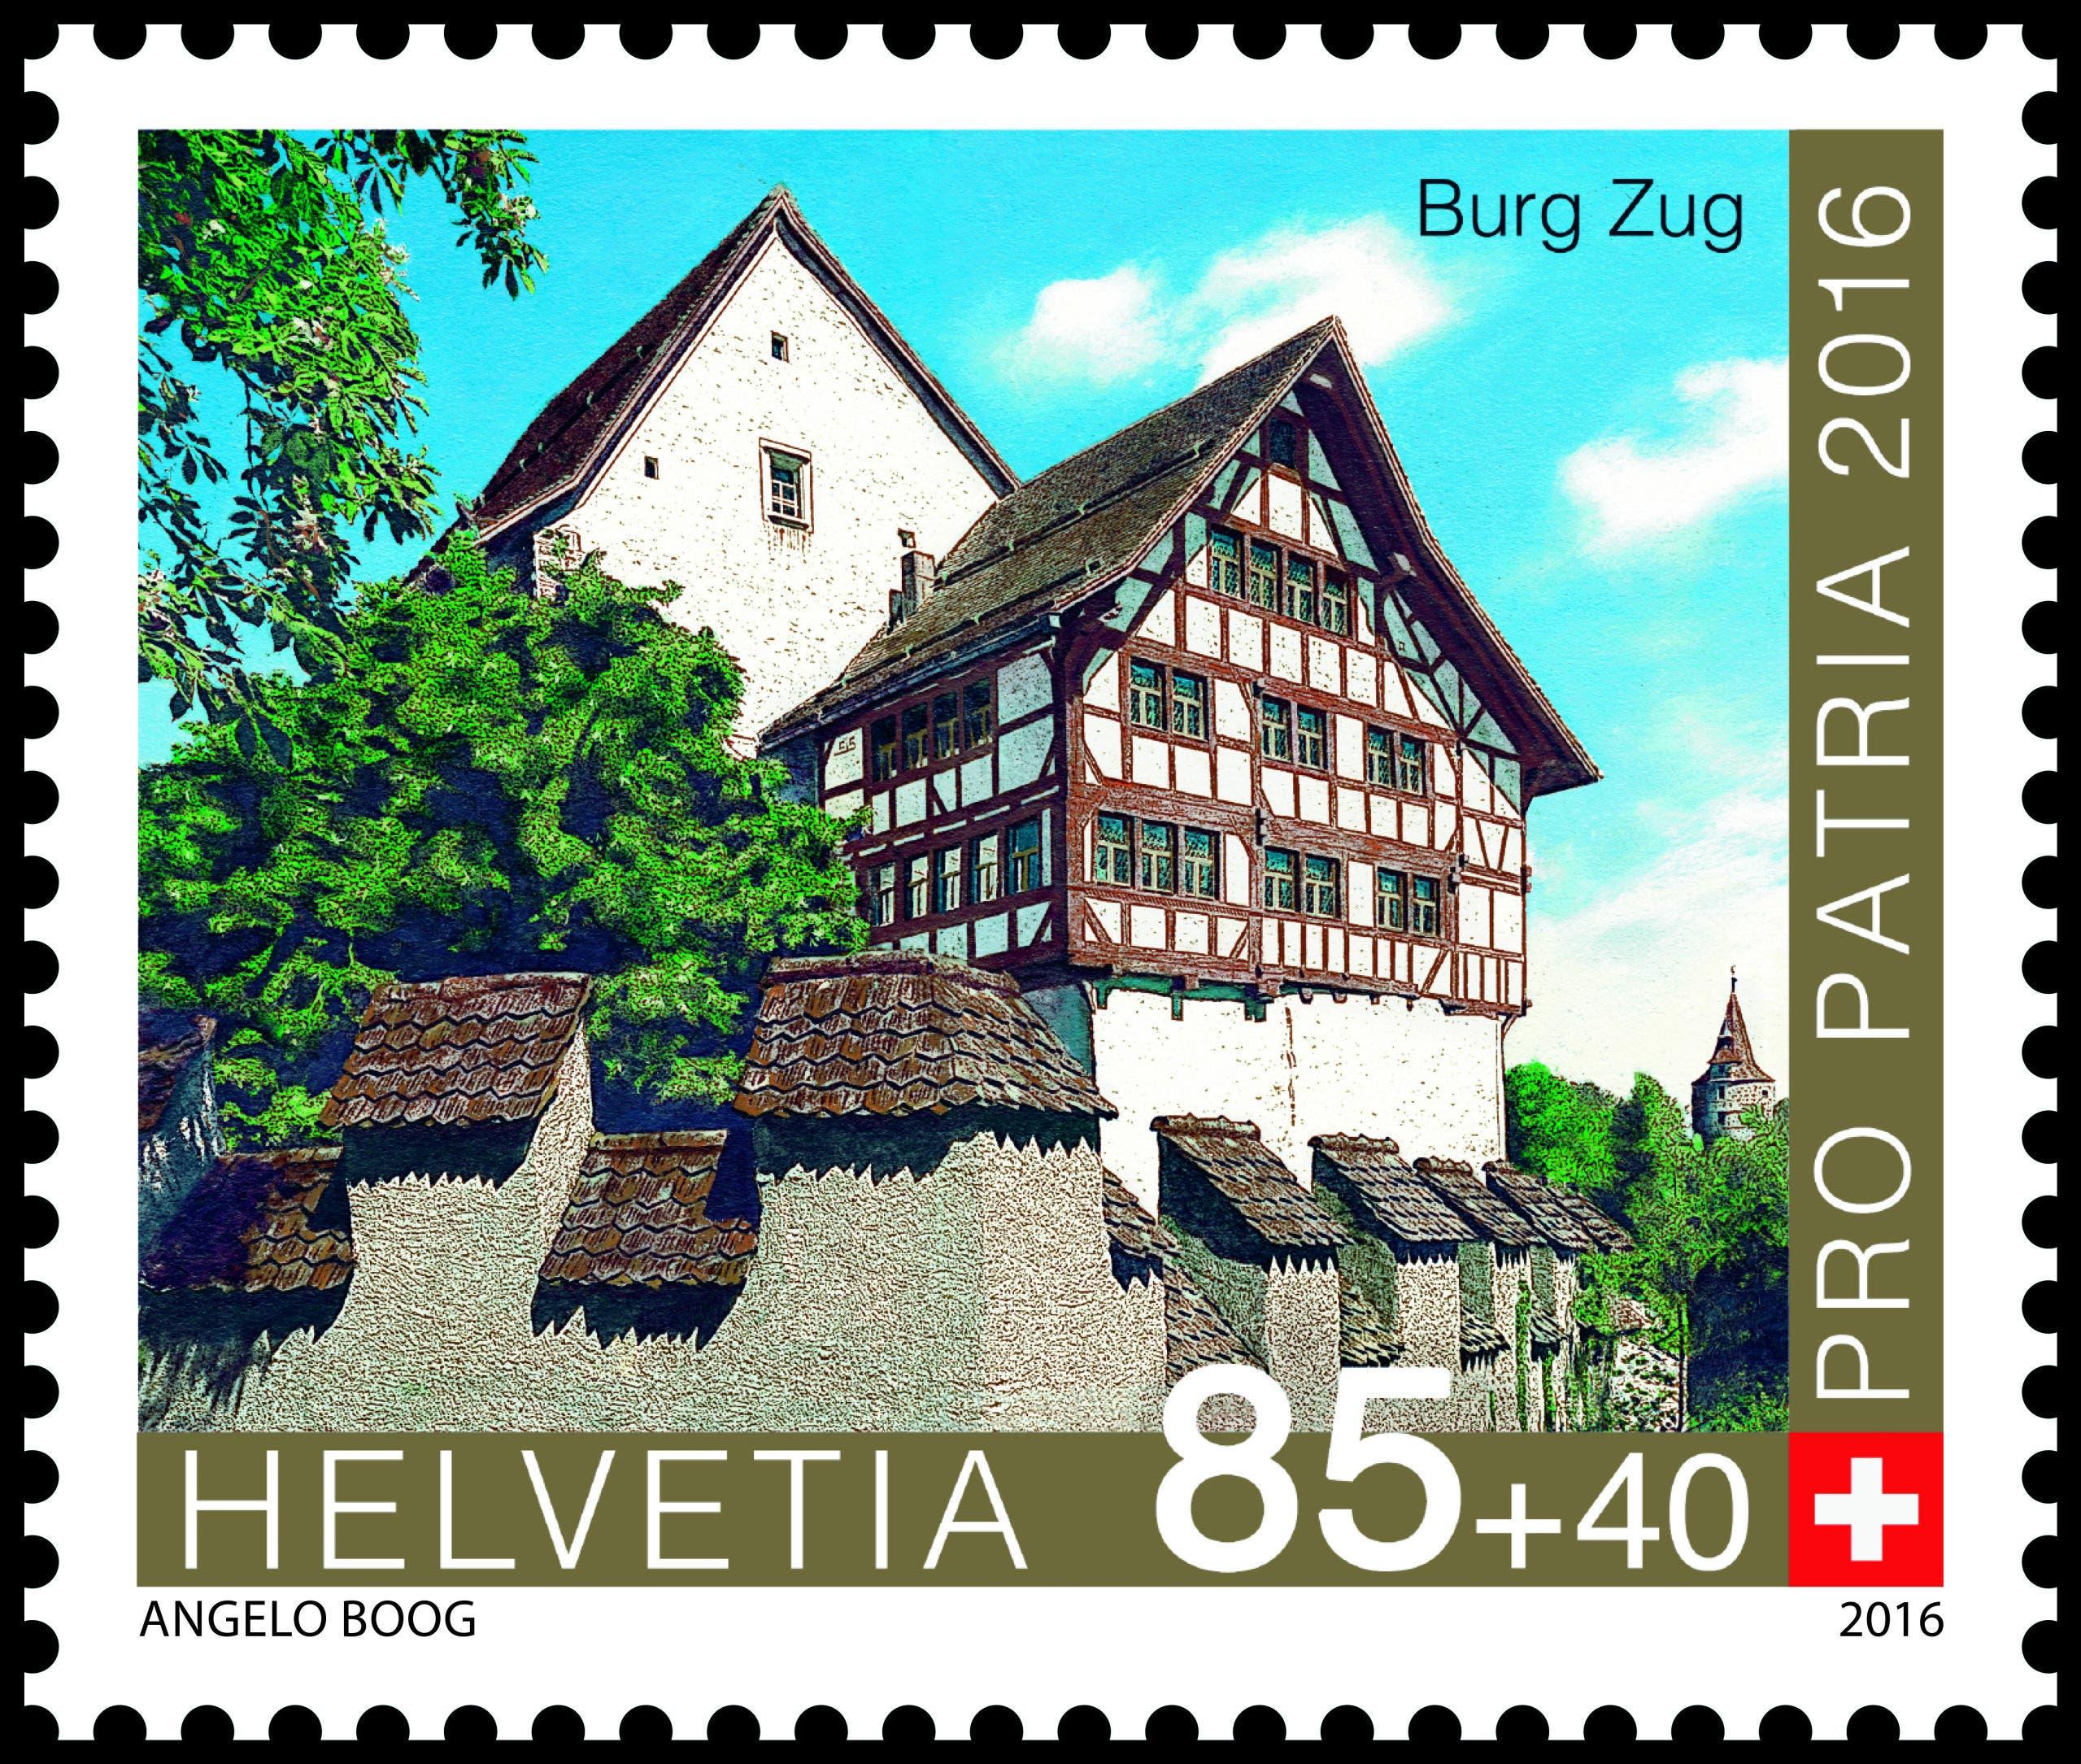 «Burg Zug» à CHF 0.85 + 0.40 (Bild: Die Post)